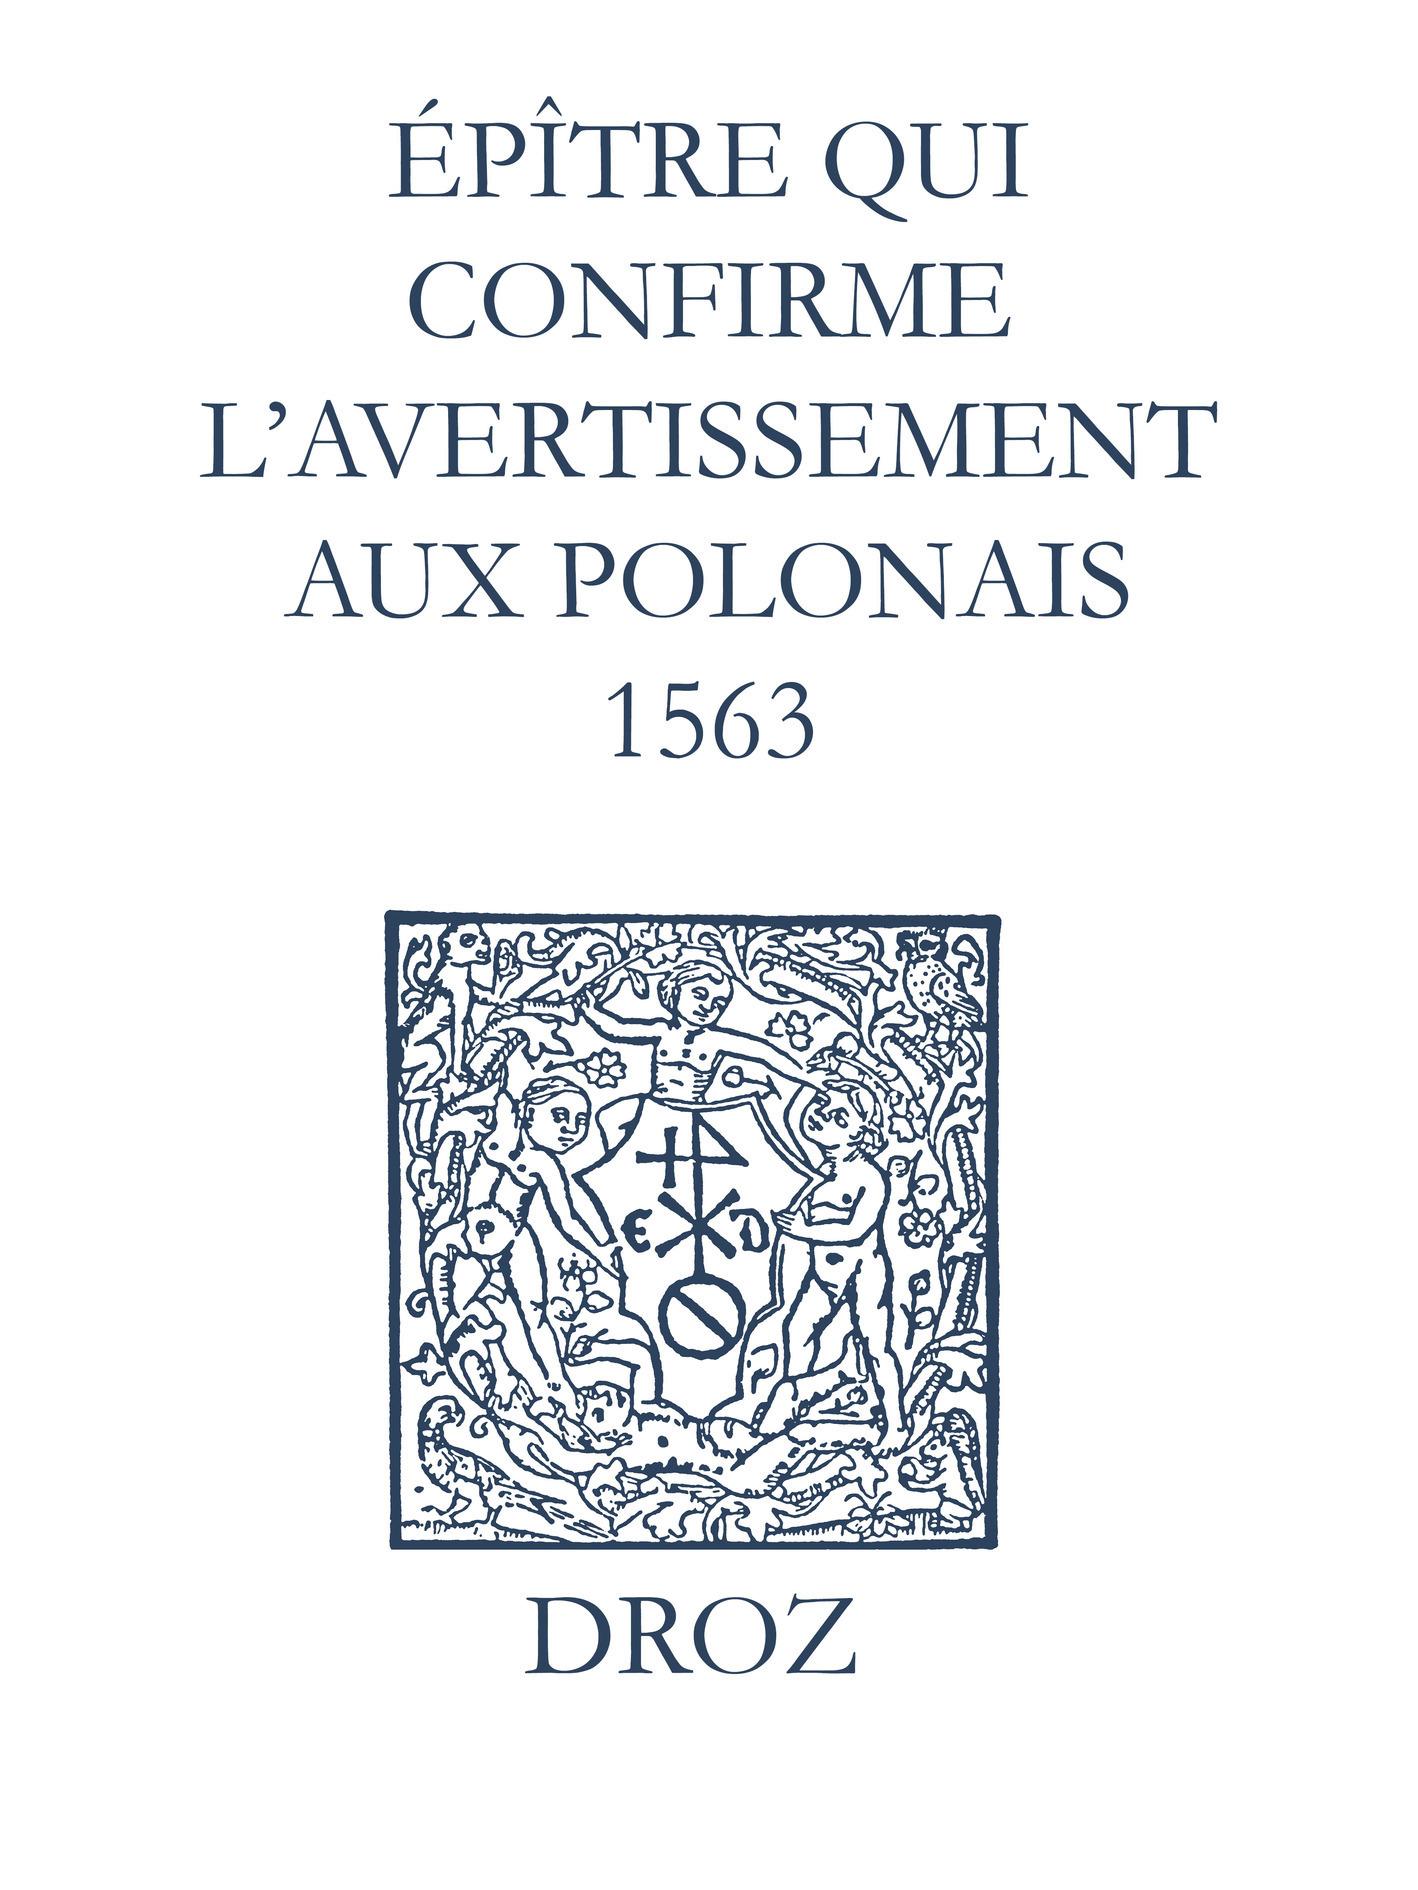 Recueil des opuscules 1566. Épître qui conrme l´avertissement aux Polonais (1563)  - Laurence Vial-Bergon